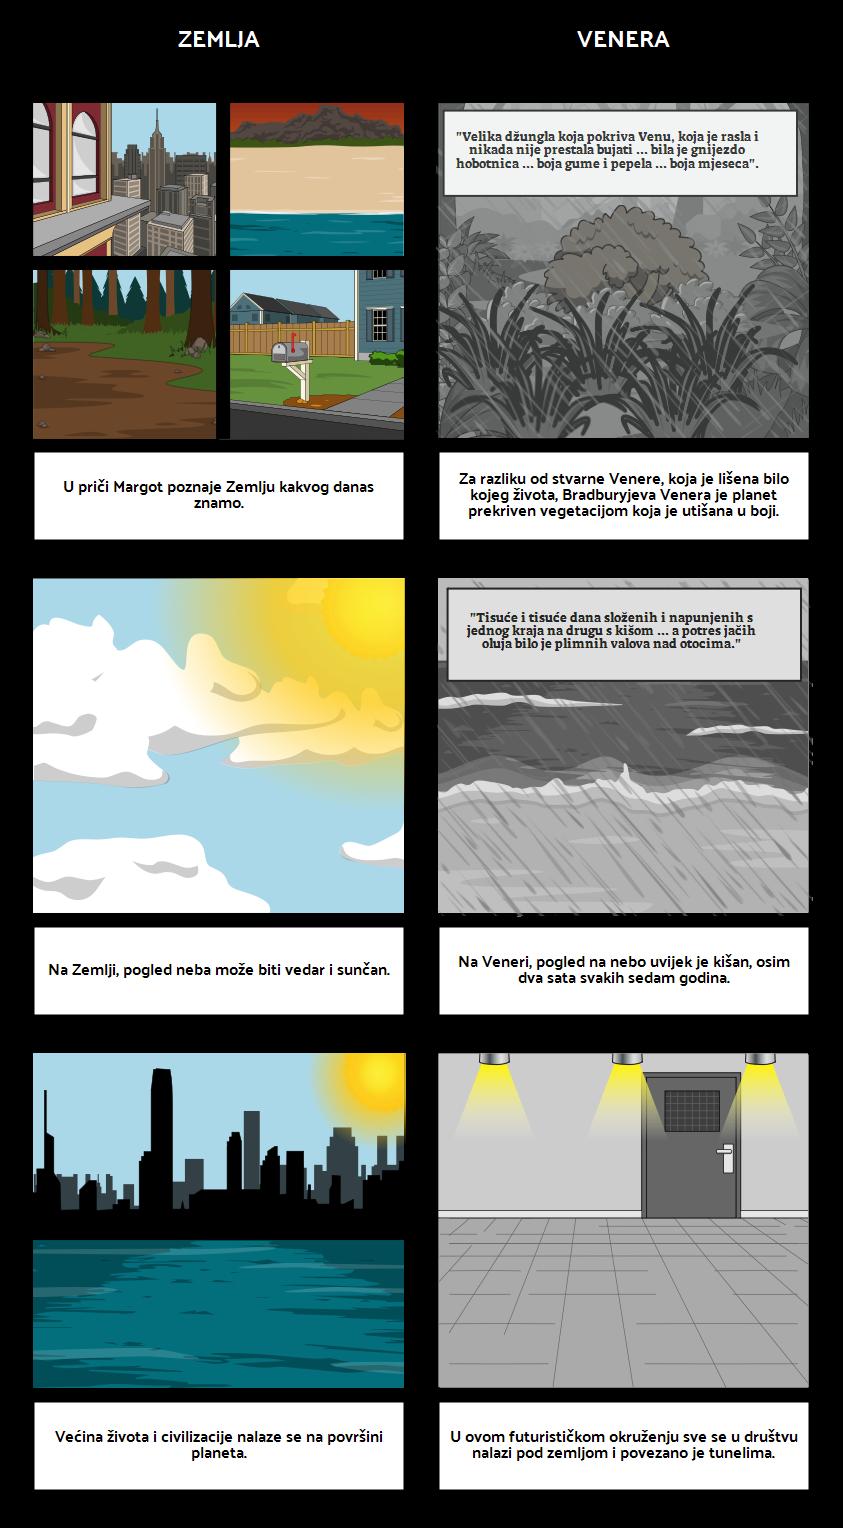 Sve Ljeto u Danu - Usporedba